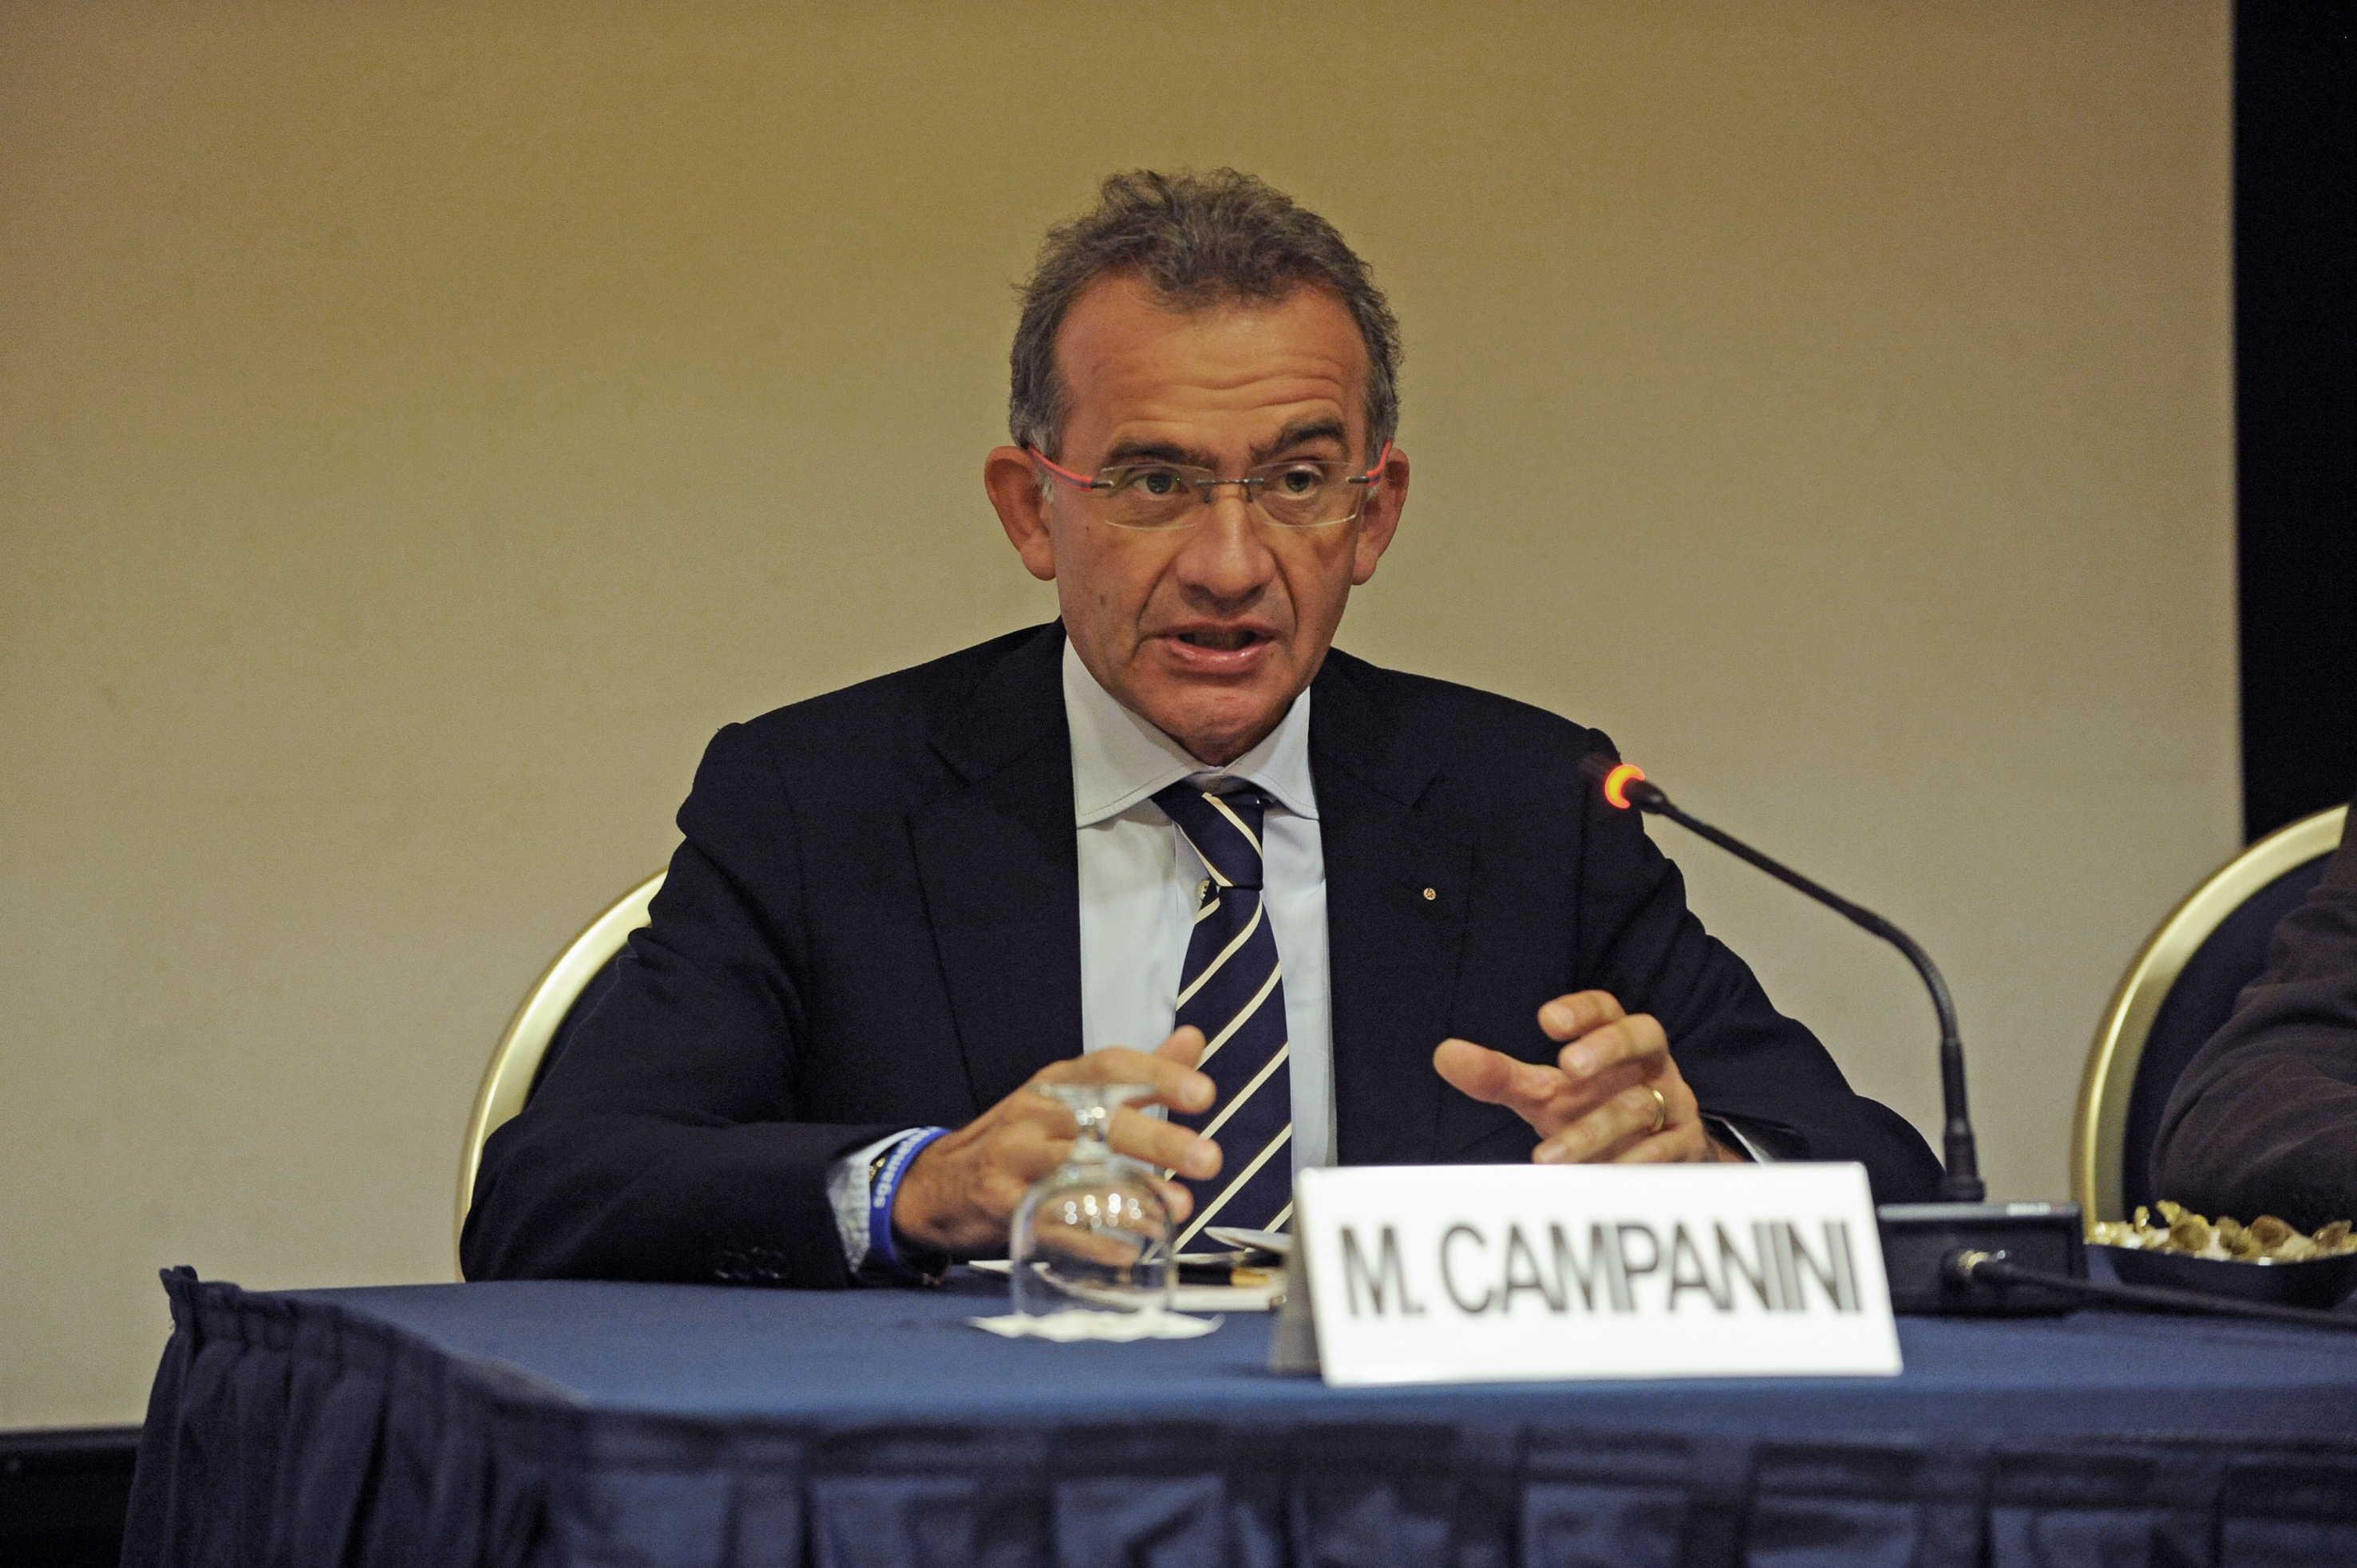 Mauro Campanini su Radio Rai per parlare di prevenzione cardiovascolare